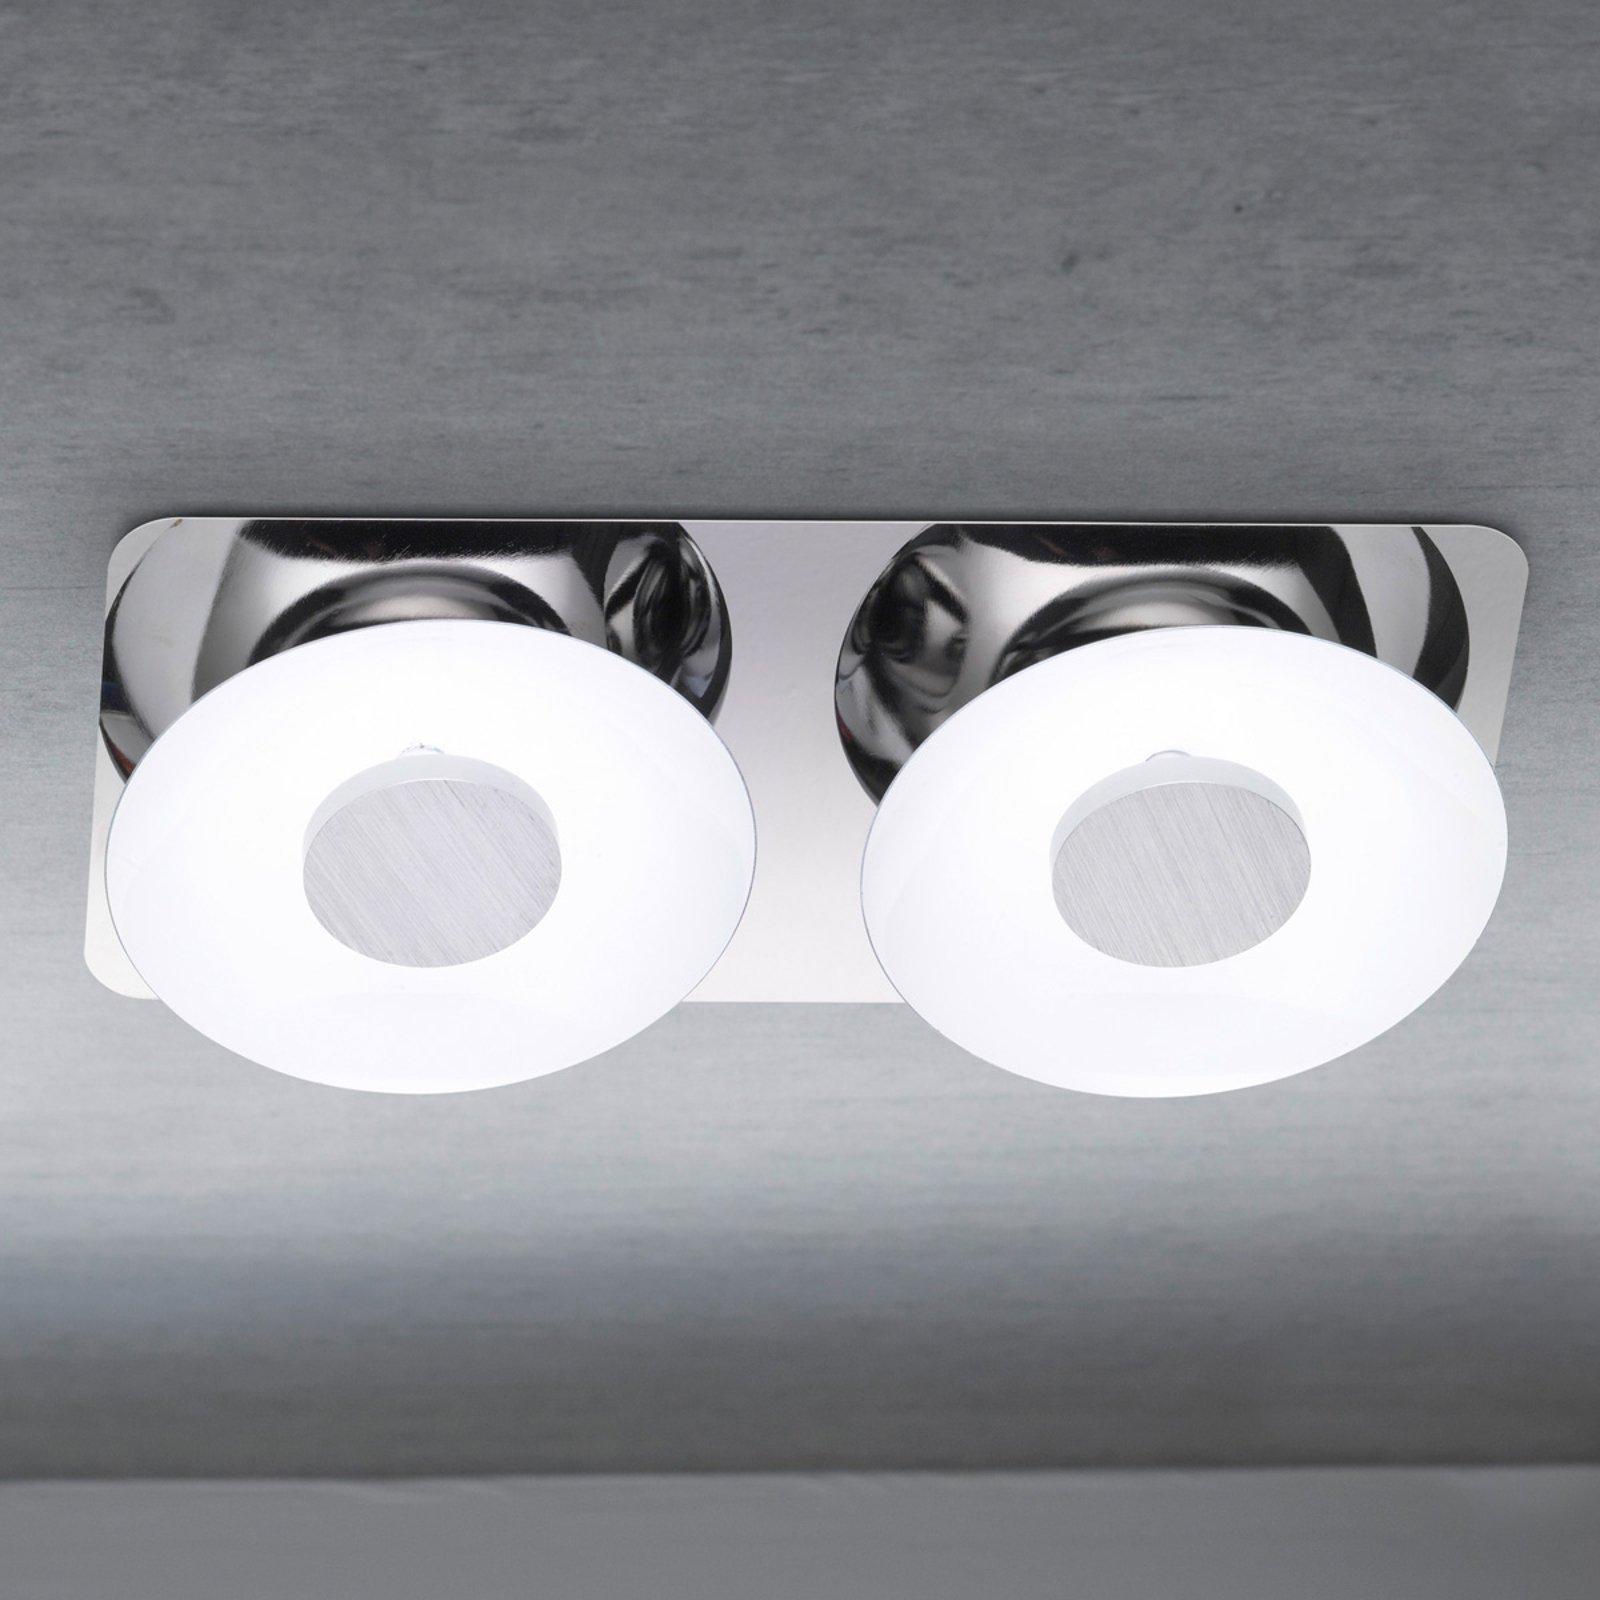 Nydelig taklampe Wanja med 2 LED-lys